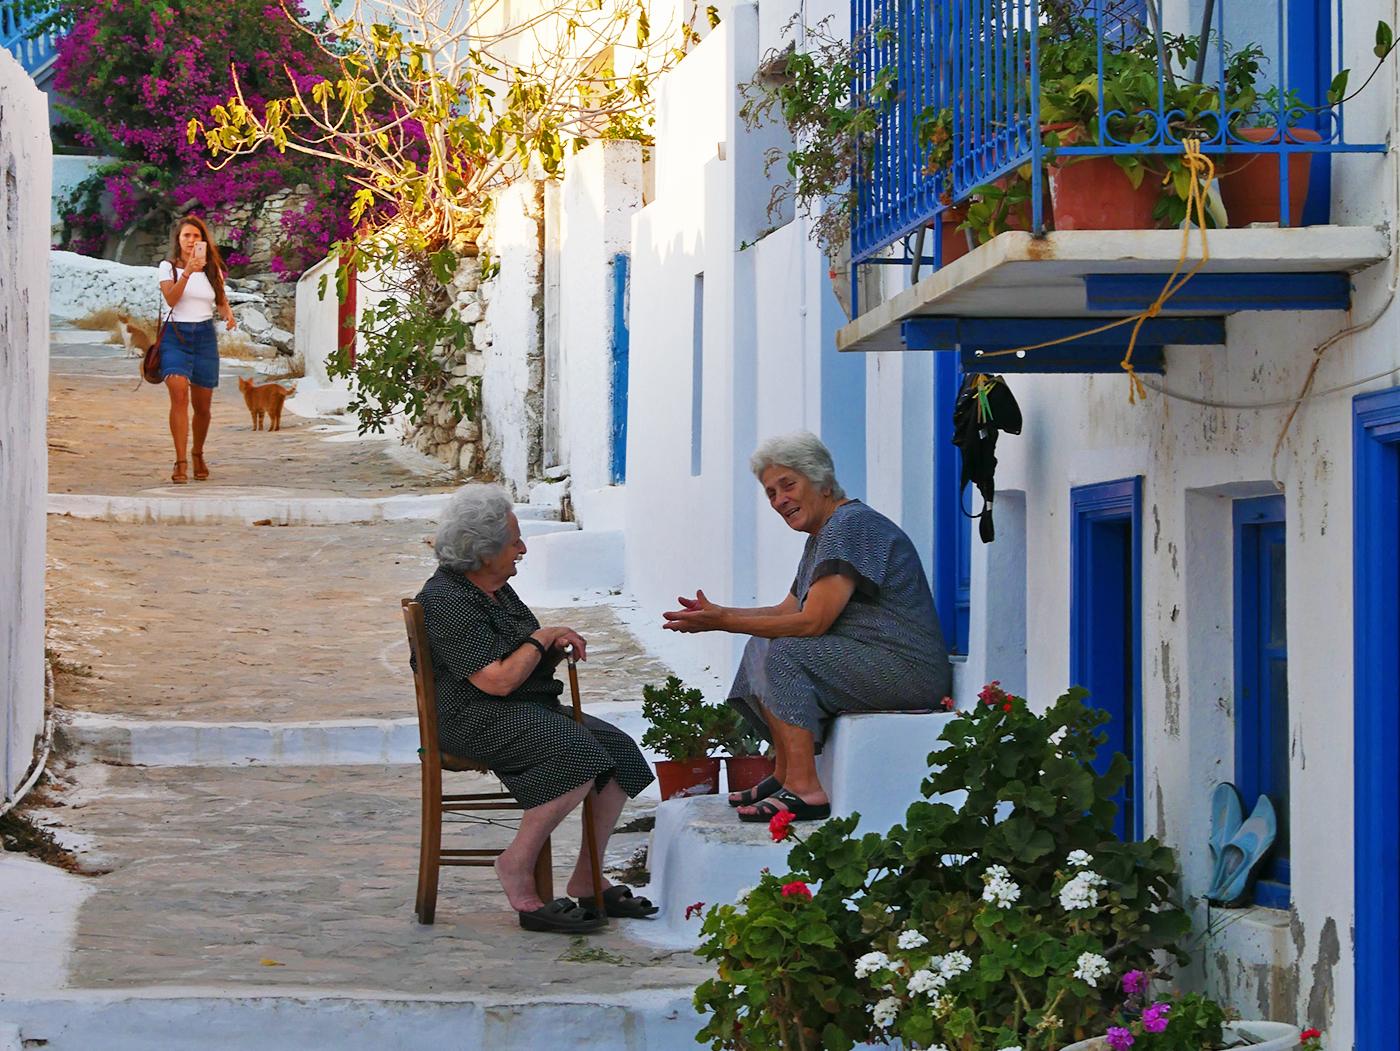 Grieken zijn misschien wel de meest gastvrije mensen op aarde!